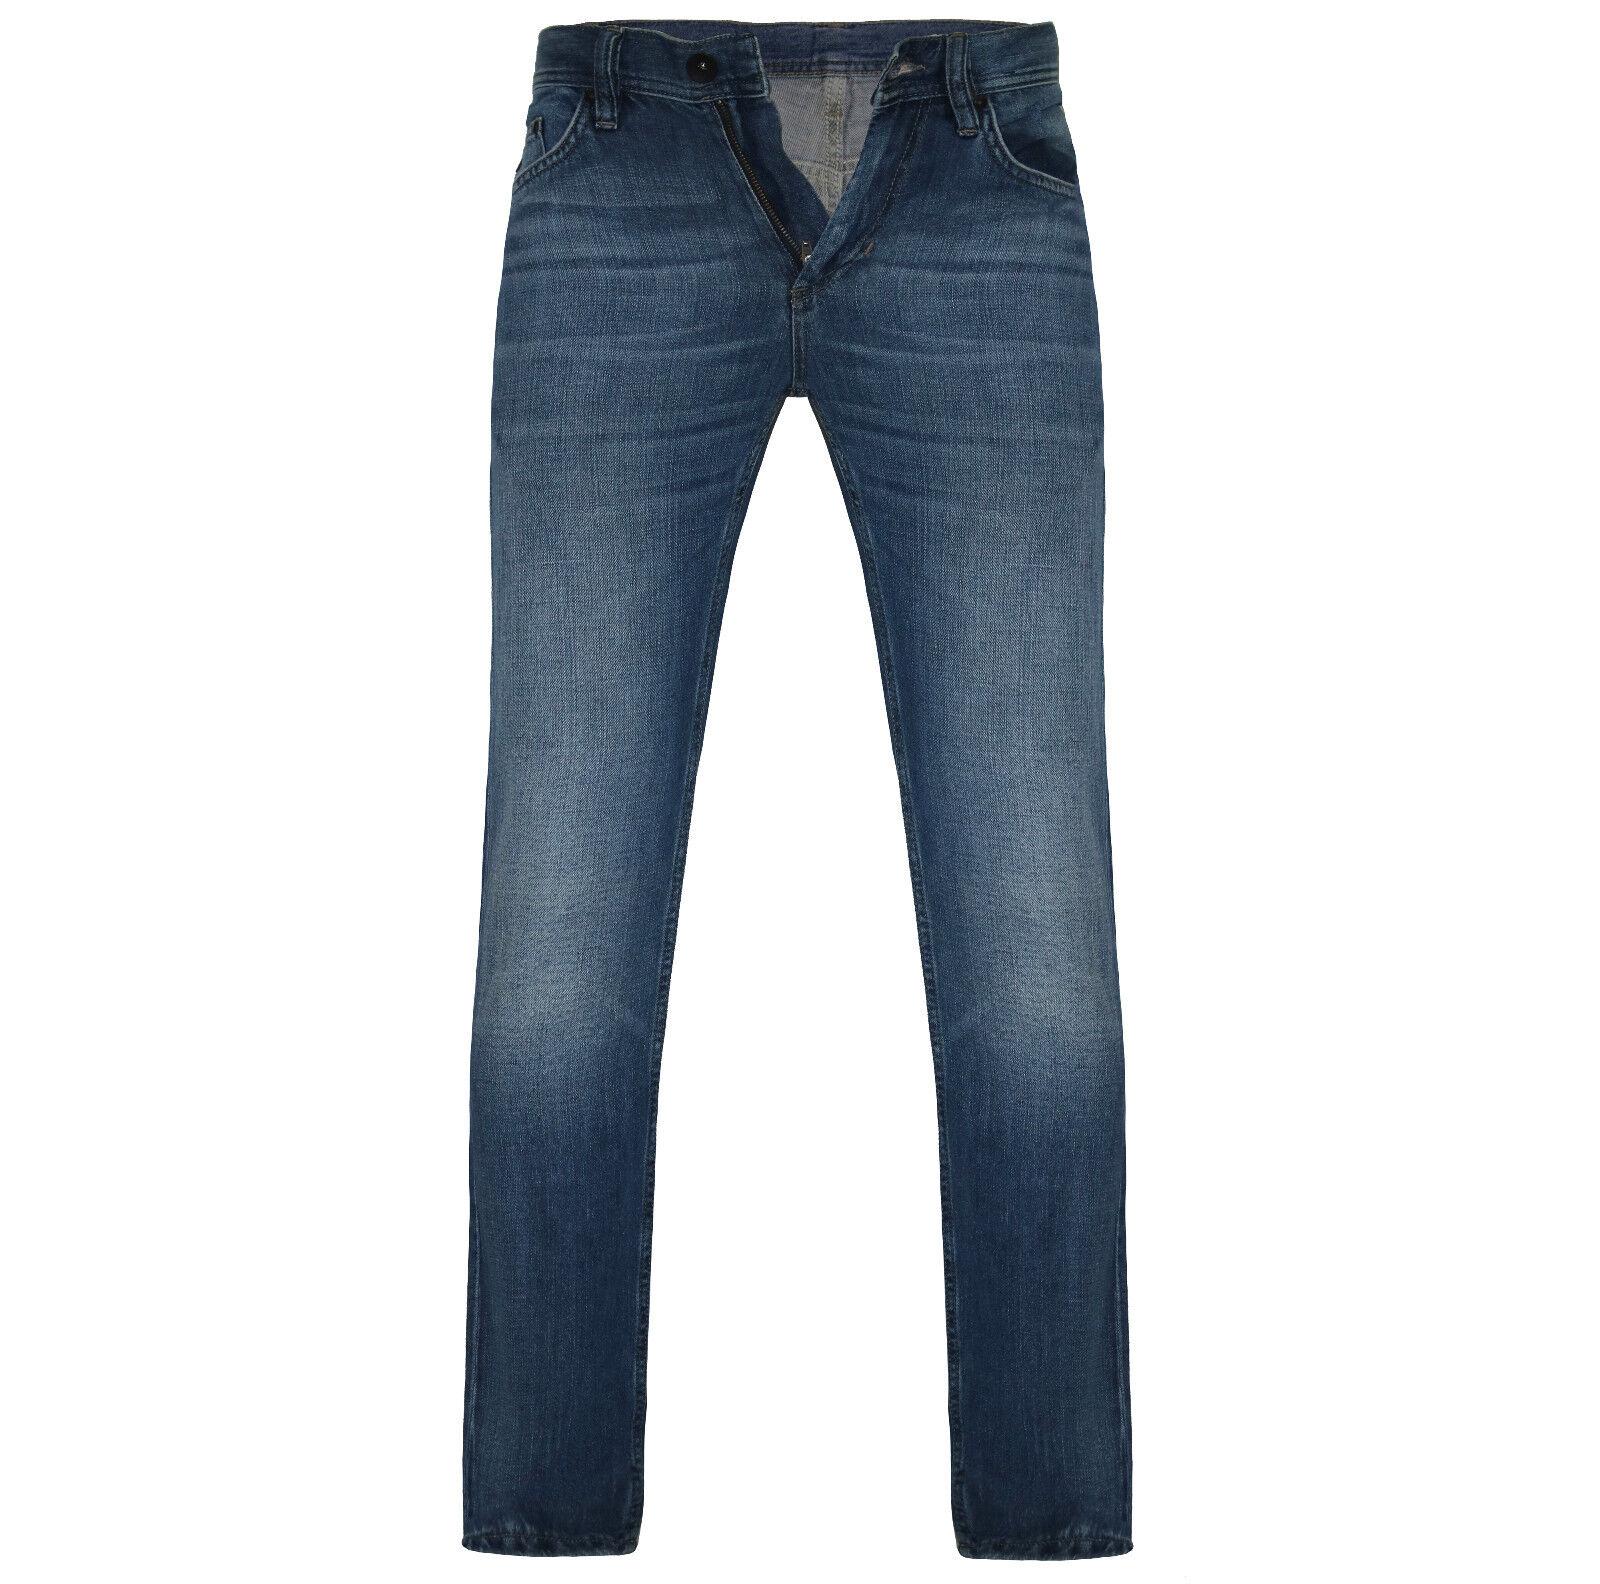 STRELLSON  Jeans Hose 14 Hammett-Z  W32 L34 NEU LEINEN